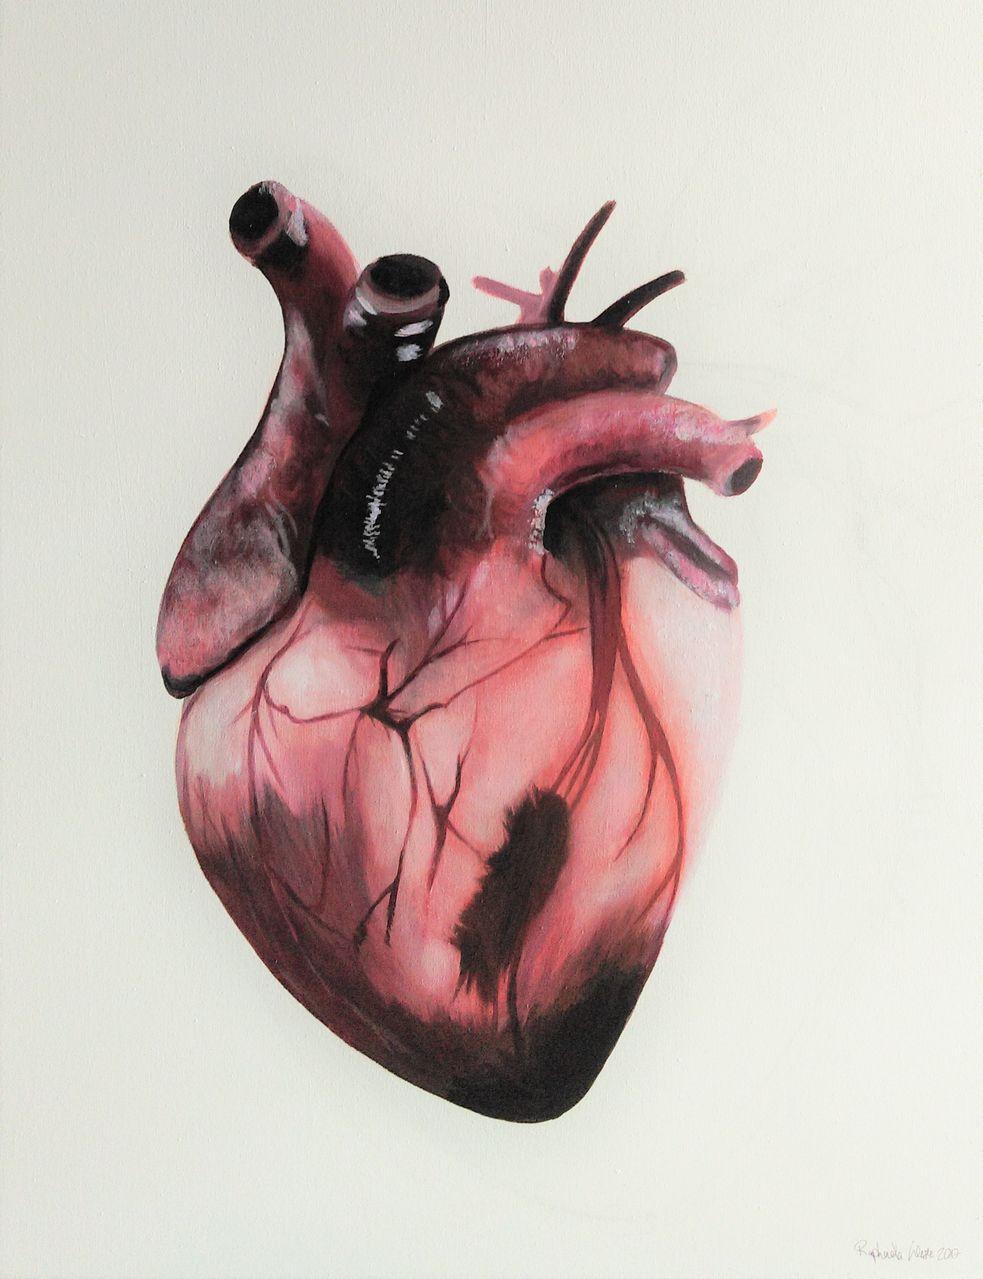 Voilà - Rot, Herz, Anatomie, Figural von Raphaela Wespe bei KunstNet